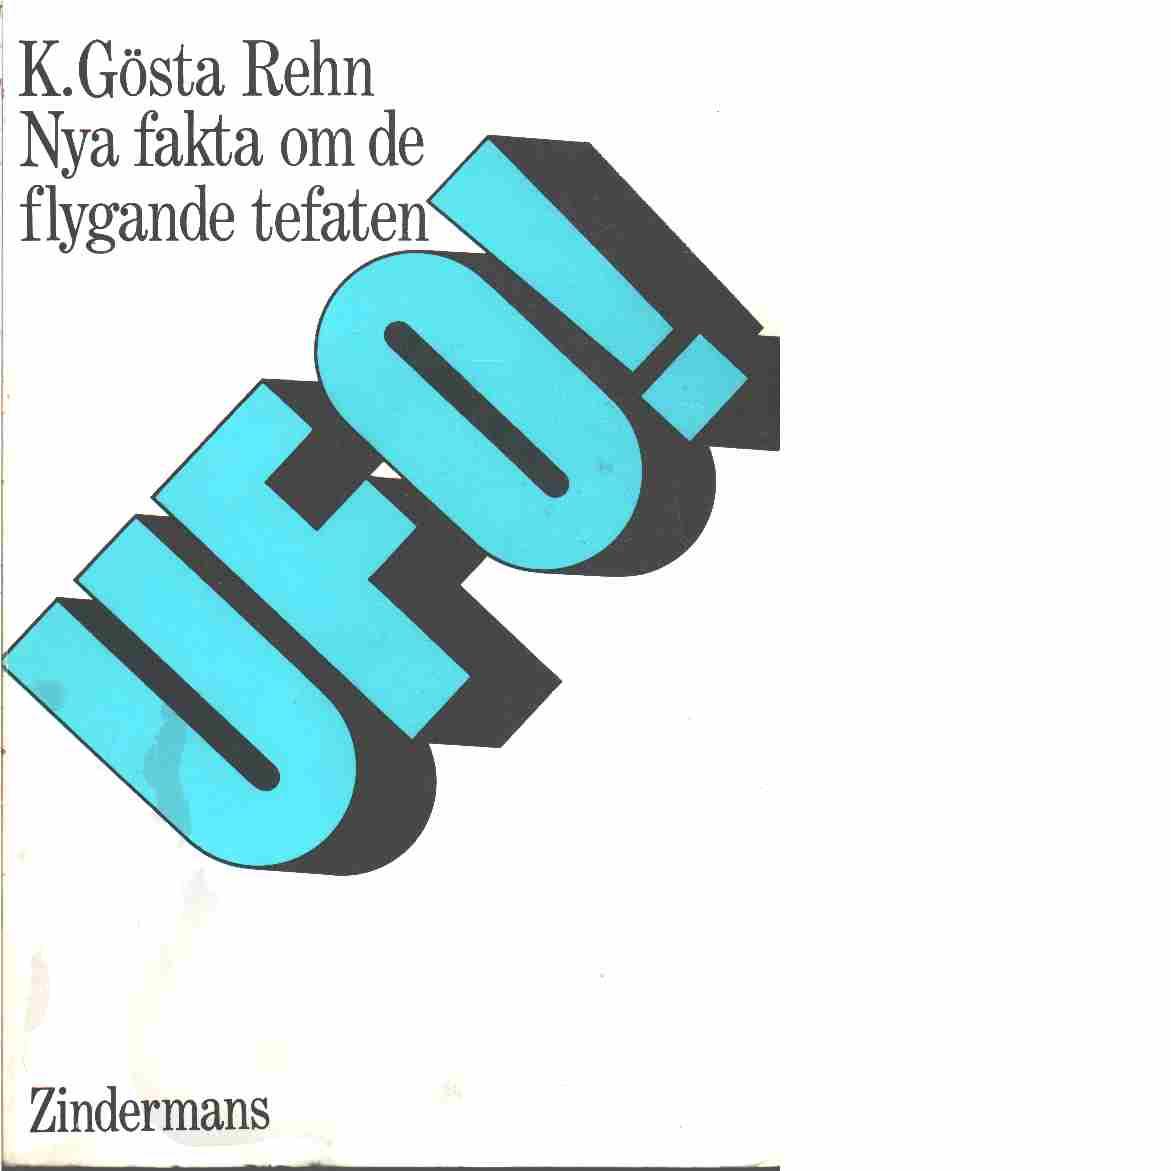 UFO : nya fakta om de flygande tefaten  - Rehn, K. Gösta